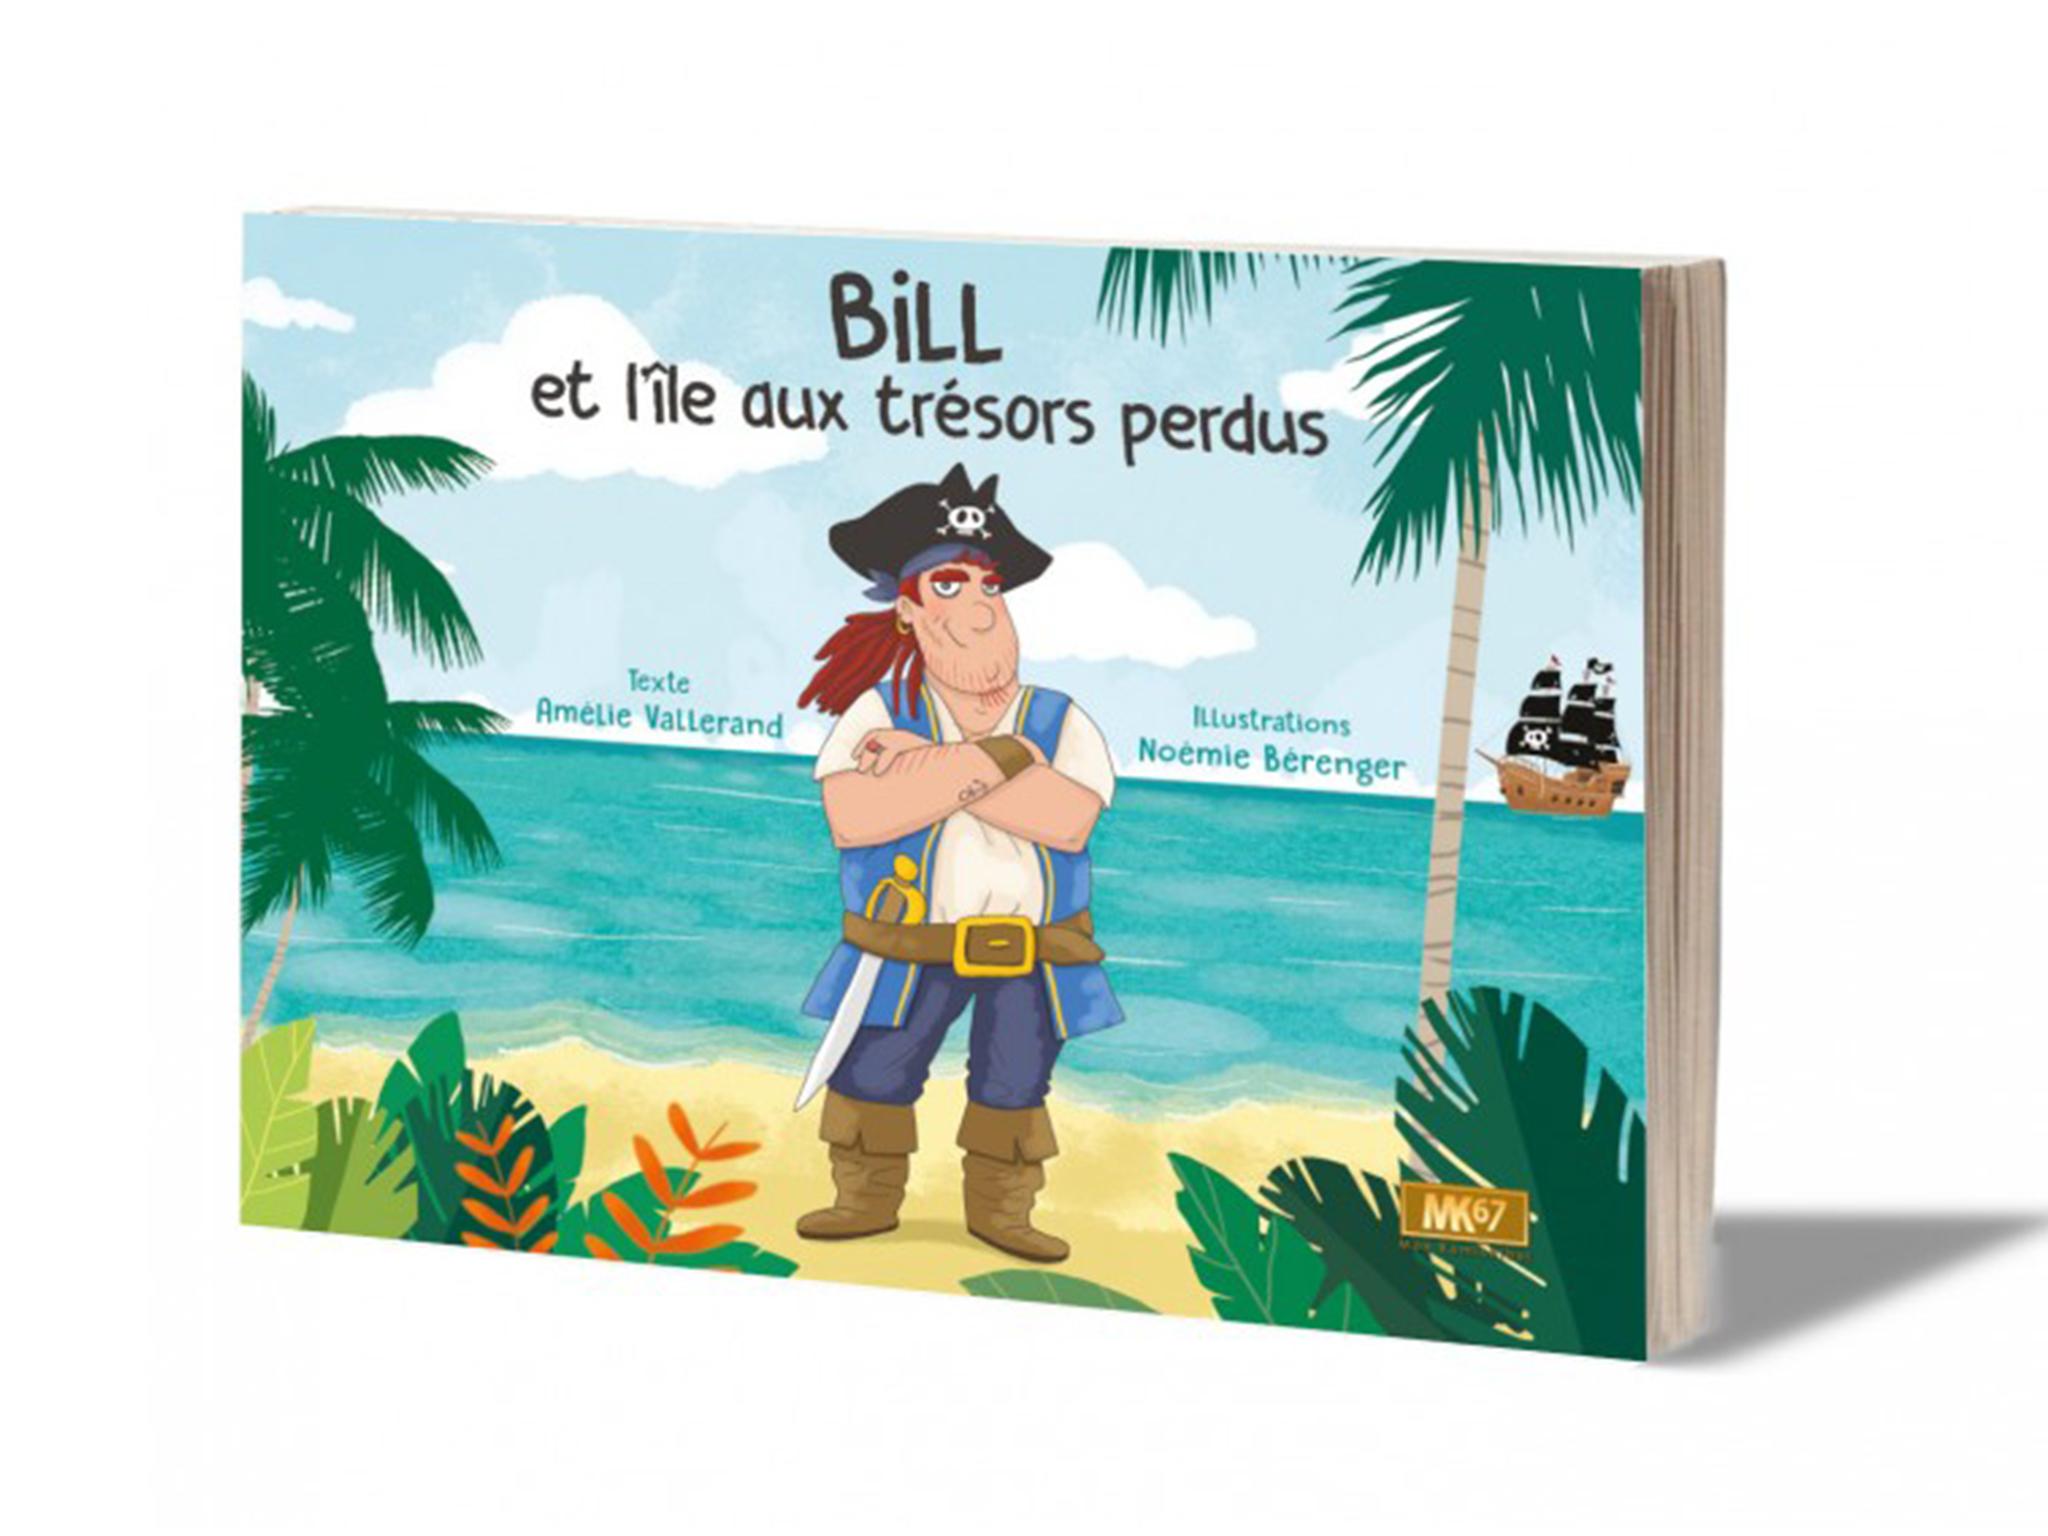 Bill et l'île aux trésors perdus